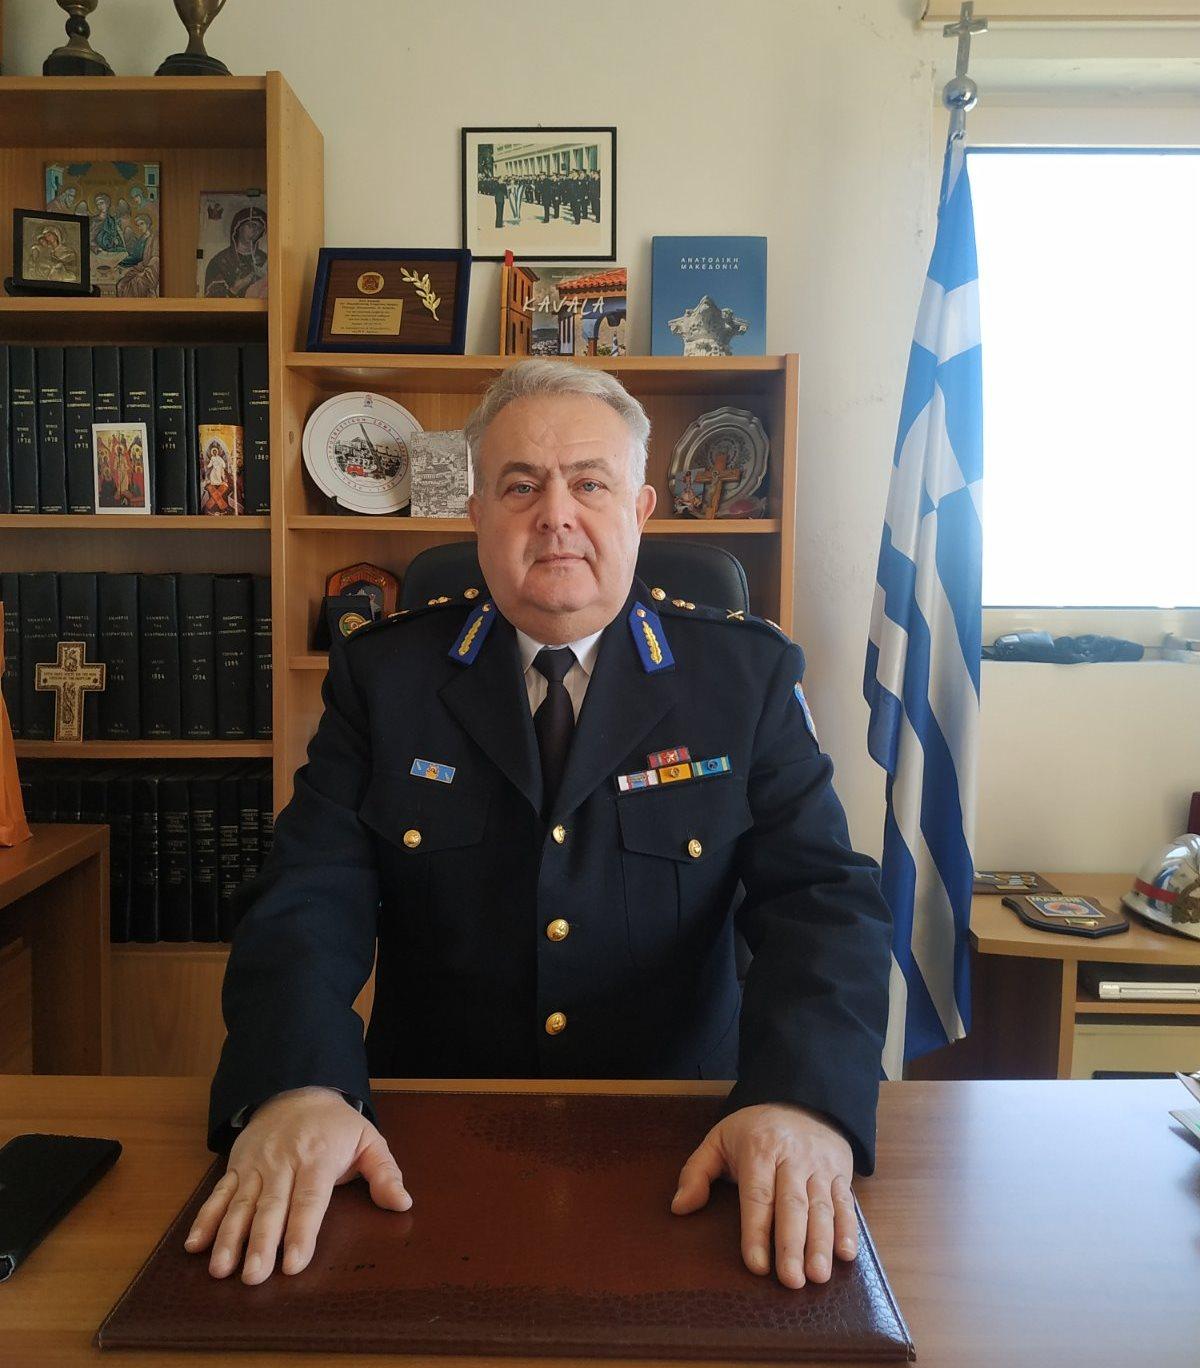 Ο Αρχιπύραρχος Κωνσταντίνος Δαδούδης στην Διοίκηση της Περιφερειακής Πυροσβεστικής ΑΜΘ